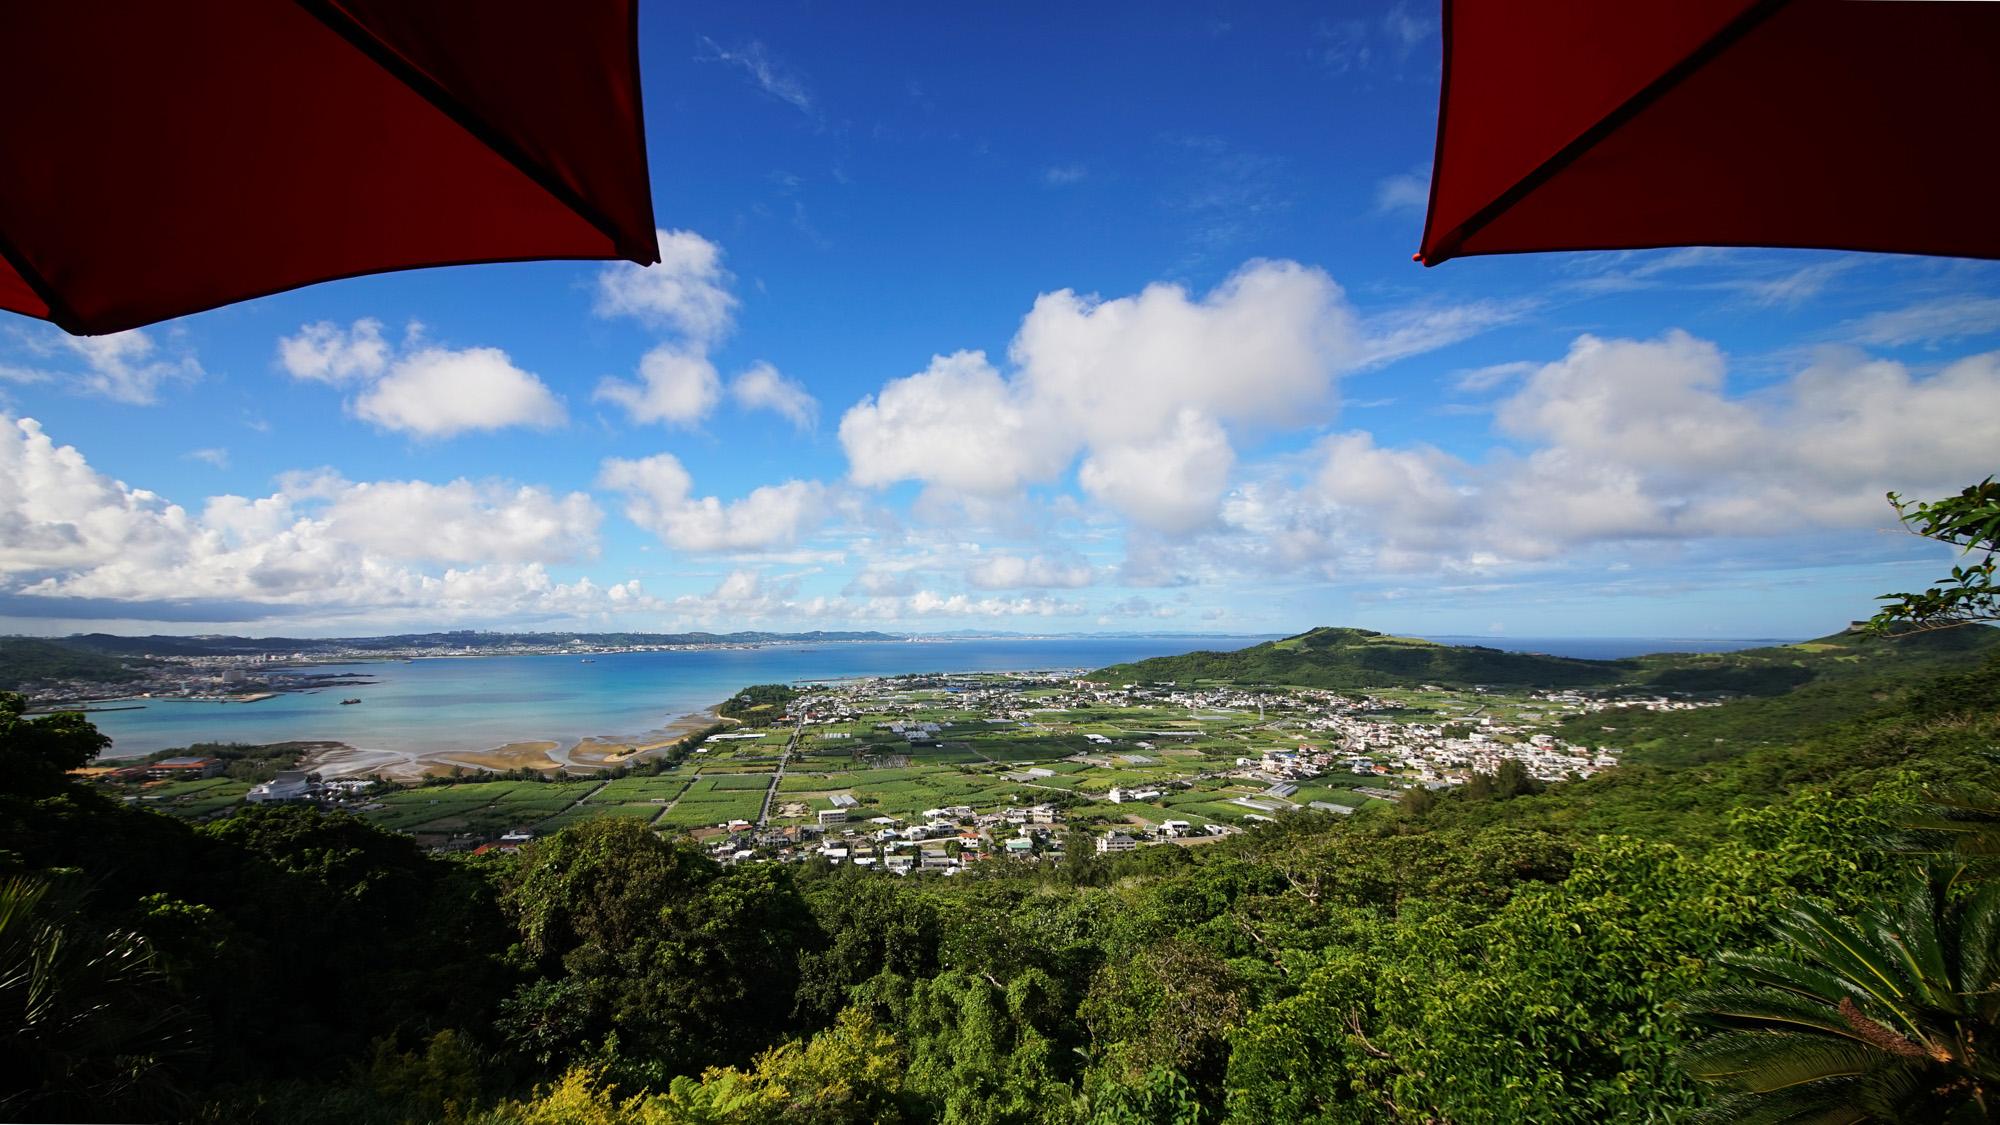 沖縄の写真 ロケーション カフェCafe terrace 1663